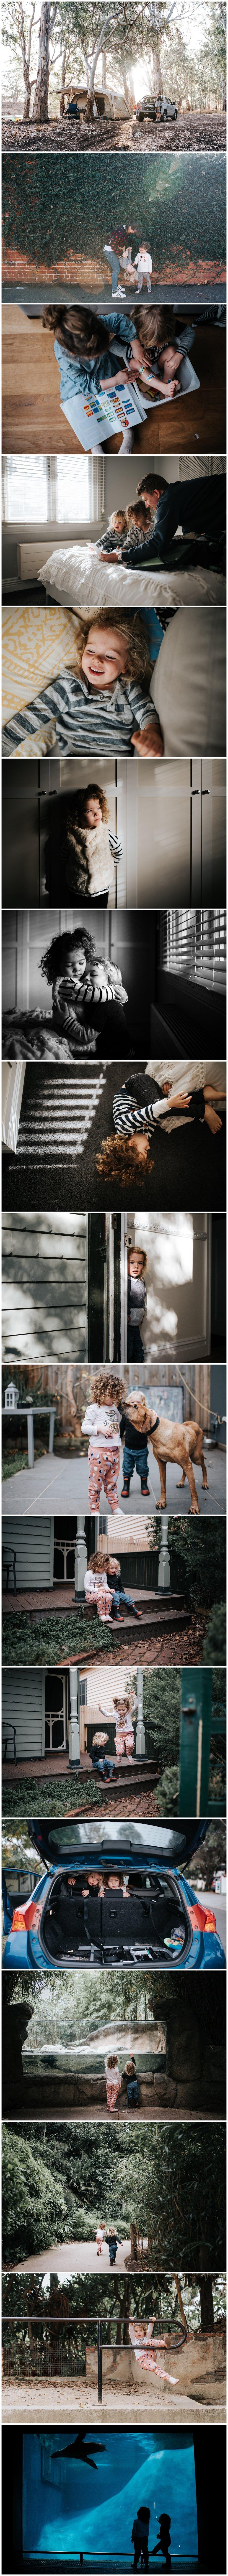 Melbourne Family Photographer_0139.jpg